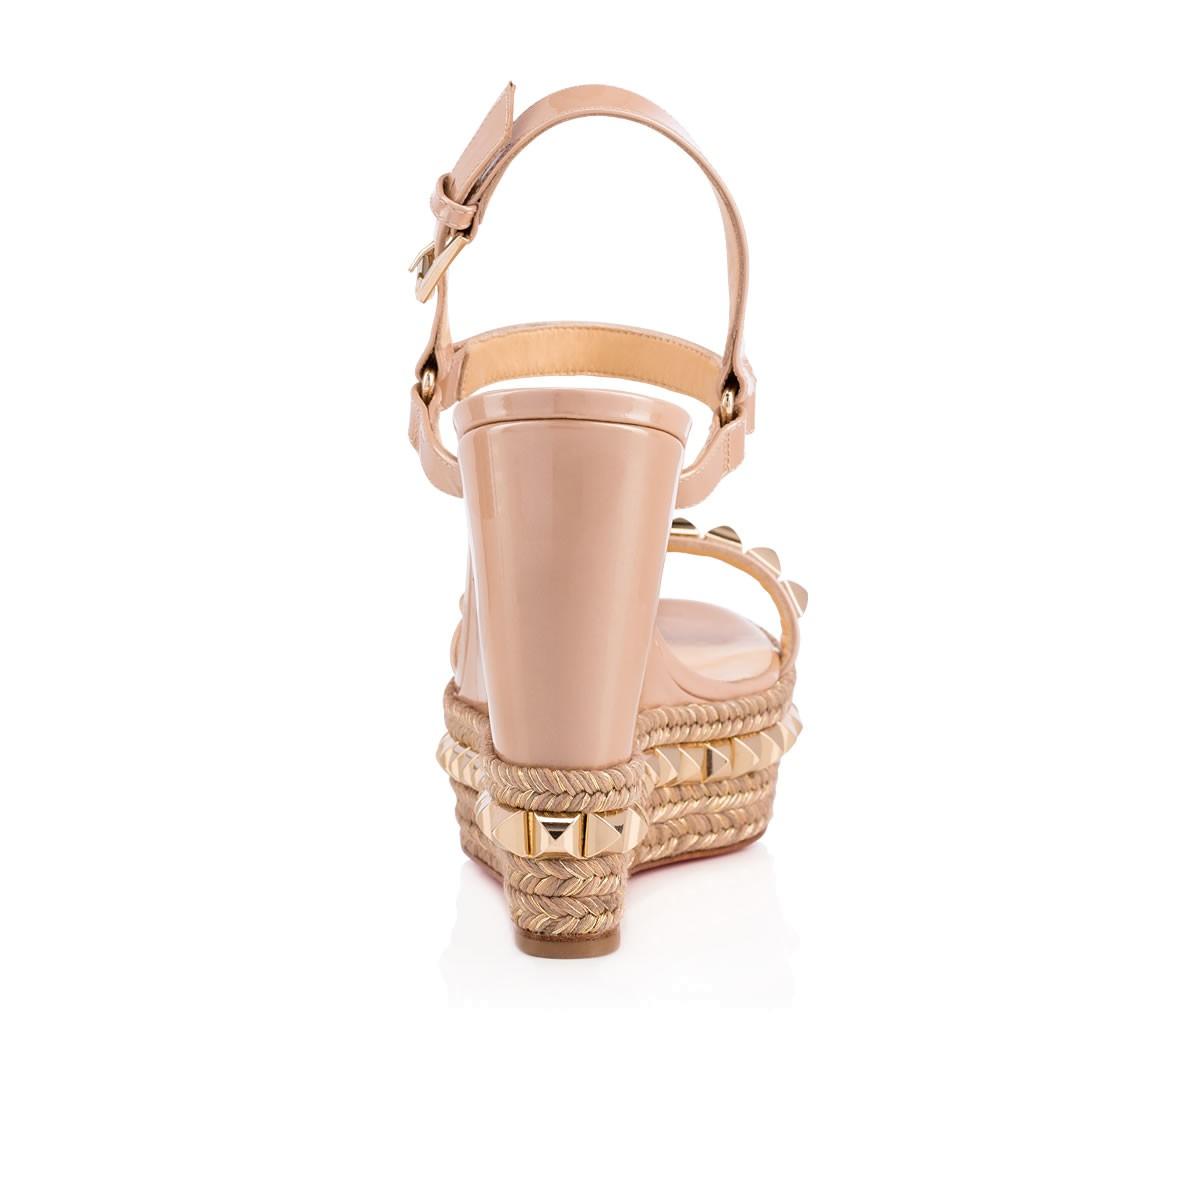 promo code 35b9e 66e13 CATACLOU 120 NUDE/LIGHT GOLD Patent - Women Shoes - Christian Louboutin